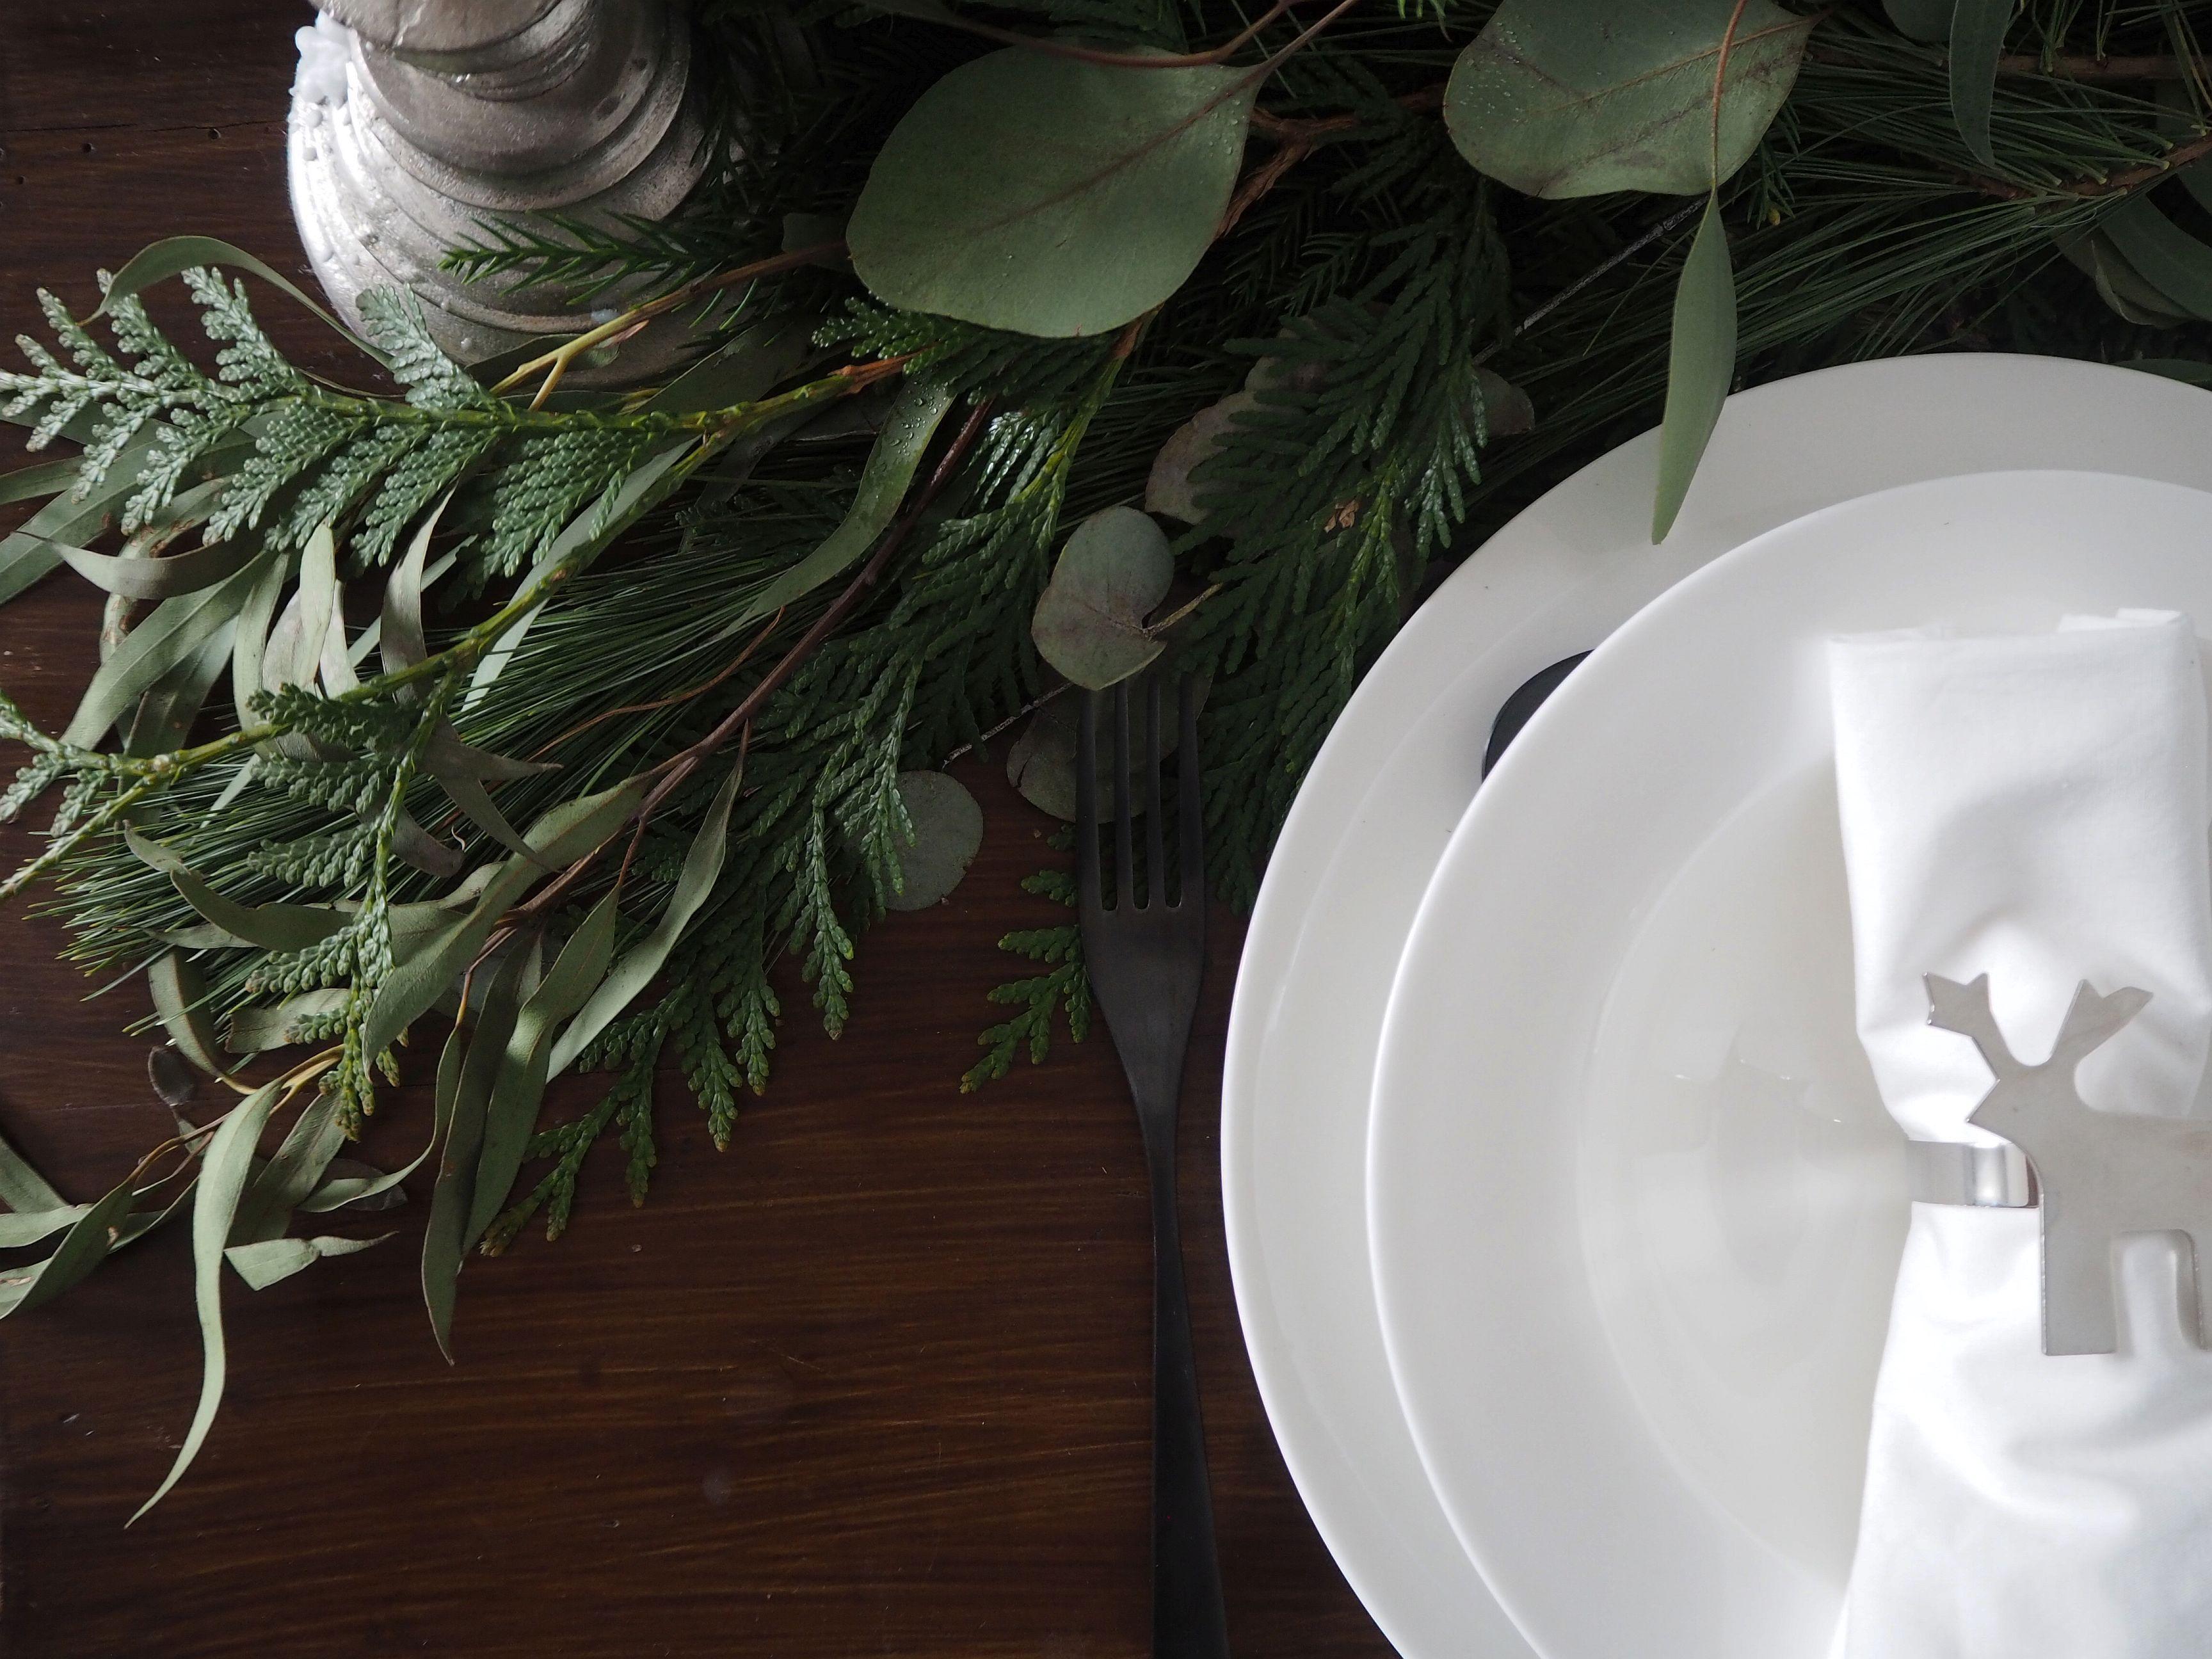 2017-12-skoen-och-kreativ-tischdeko-interior-schlichtes-skandinavisches-tablesetting-weihnachten (3 (12)